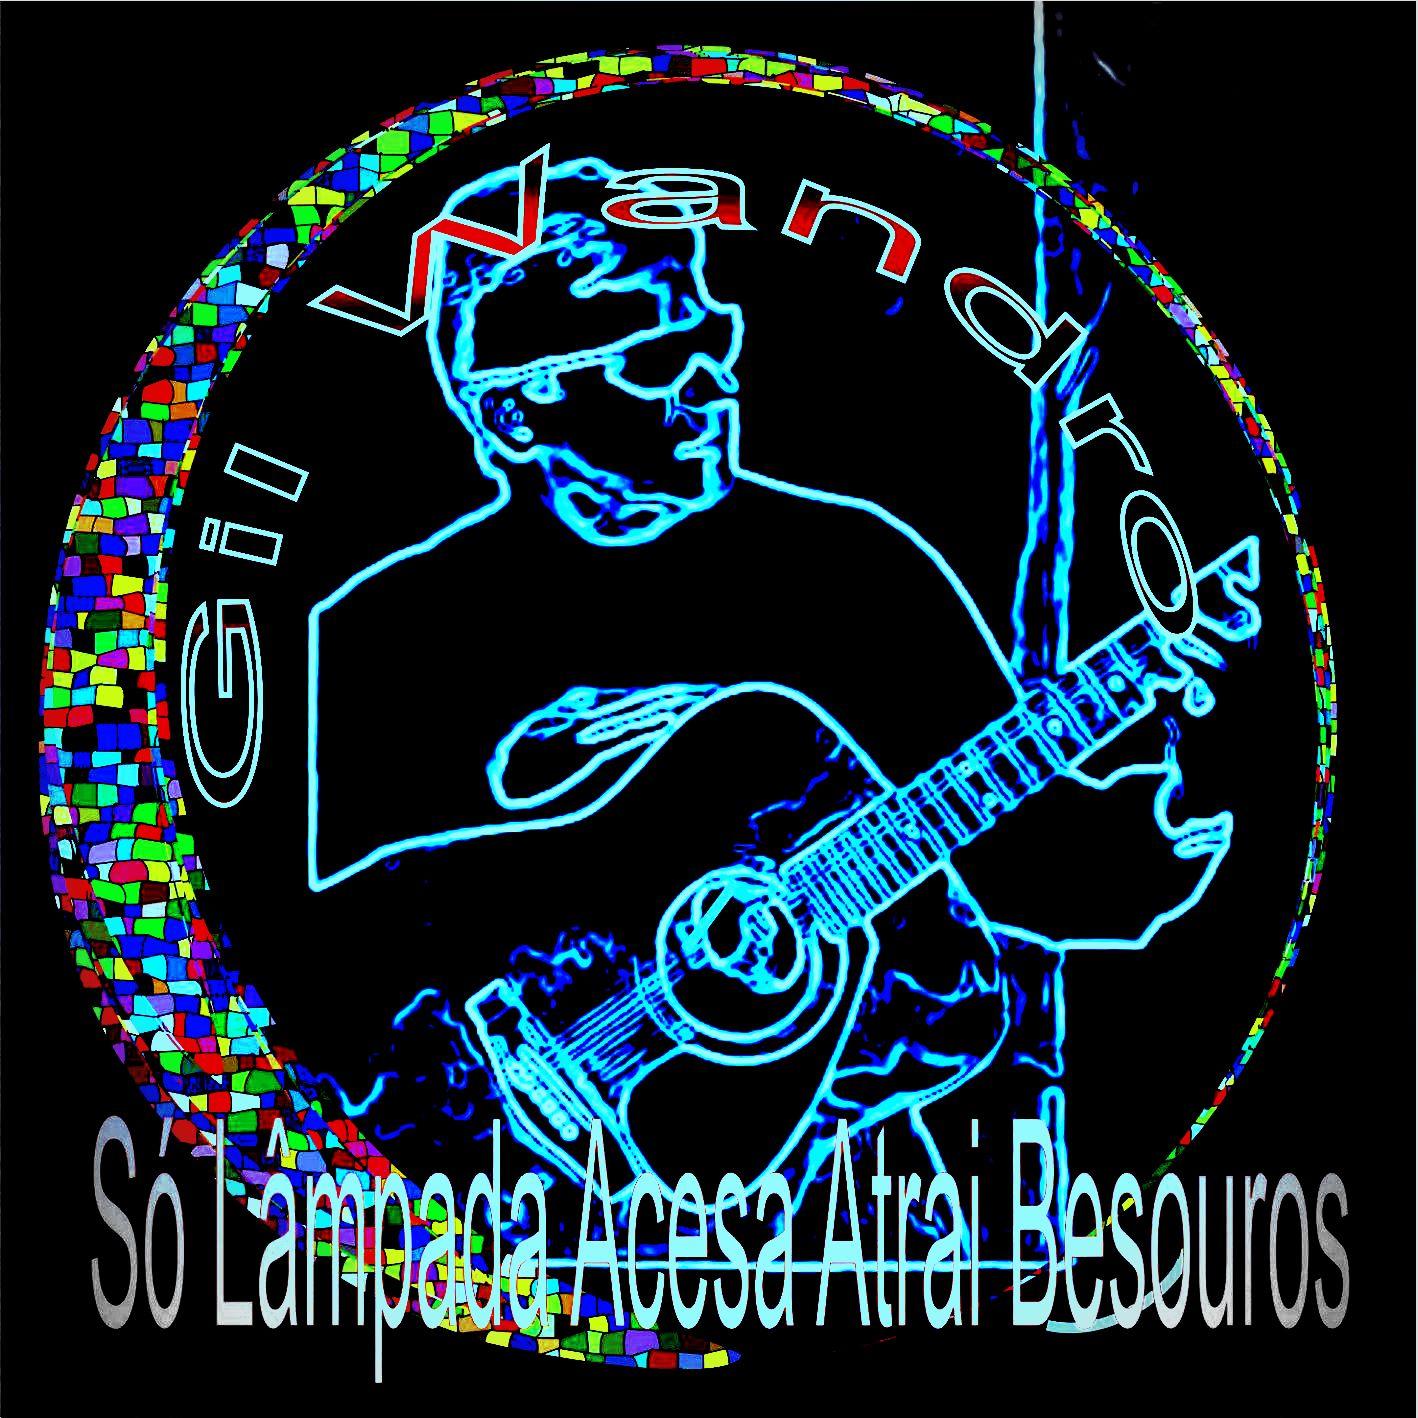 GRAVO SEU CD-GIL SONGS PRODUÇÕES